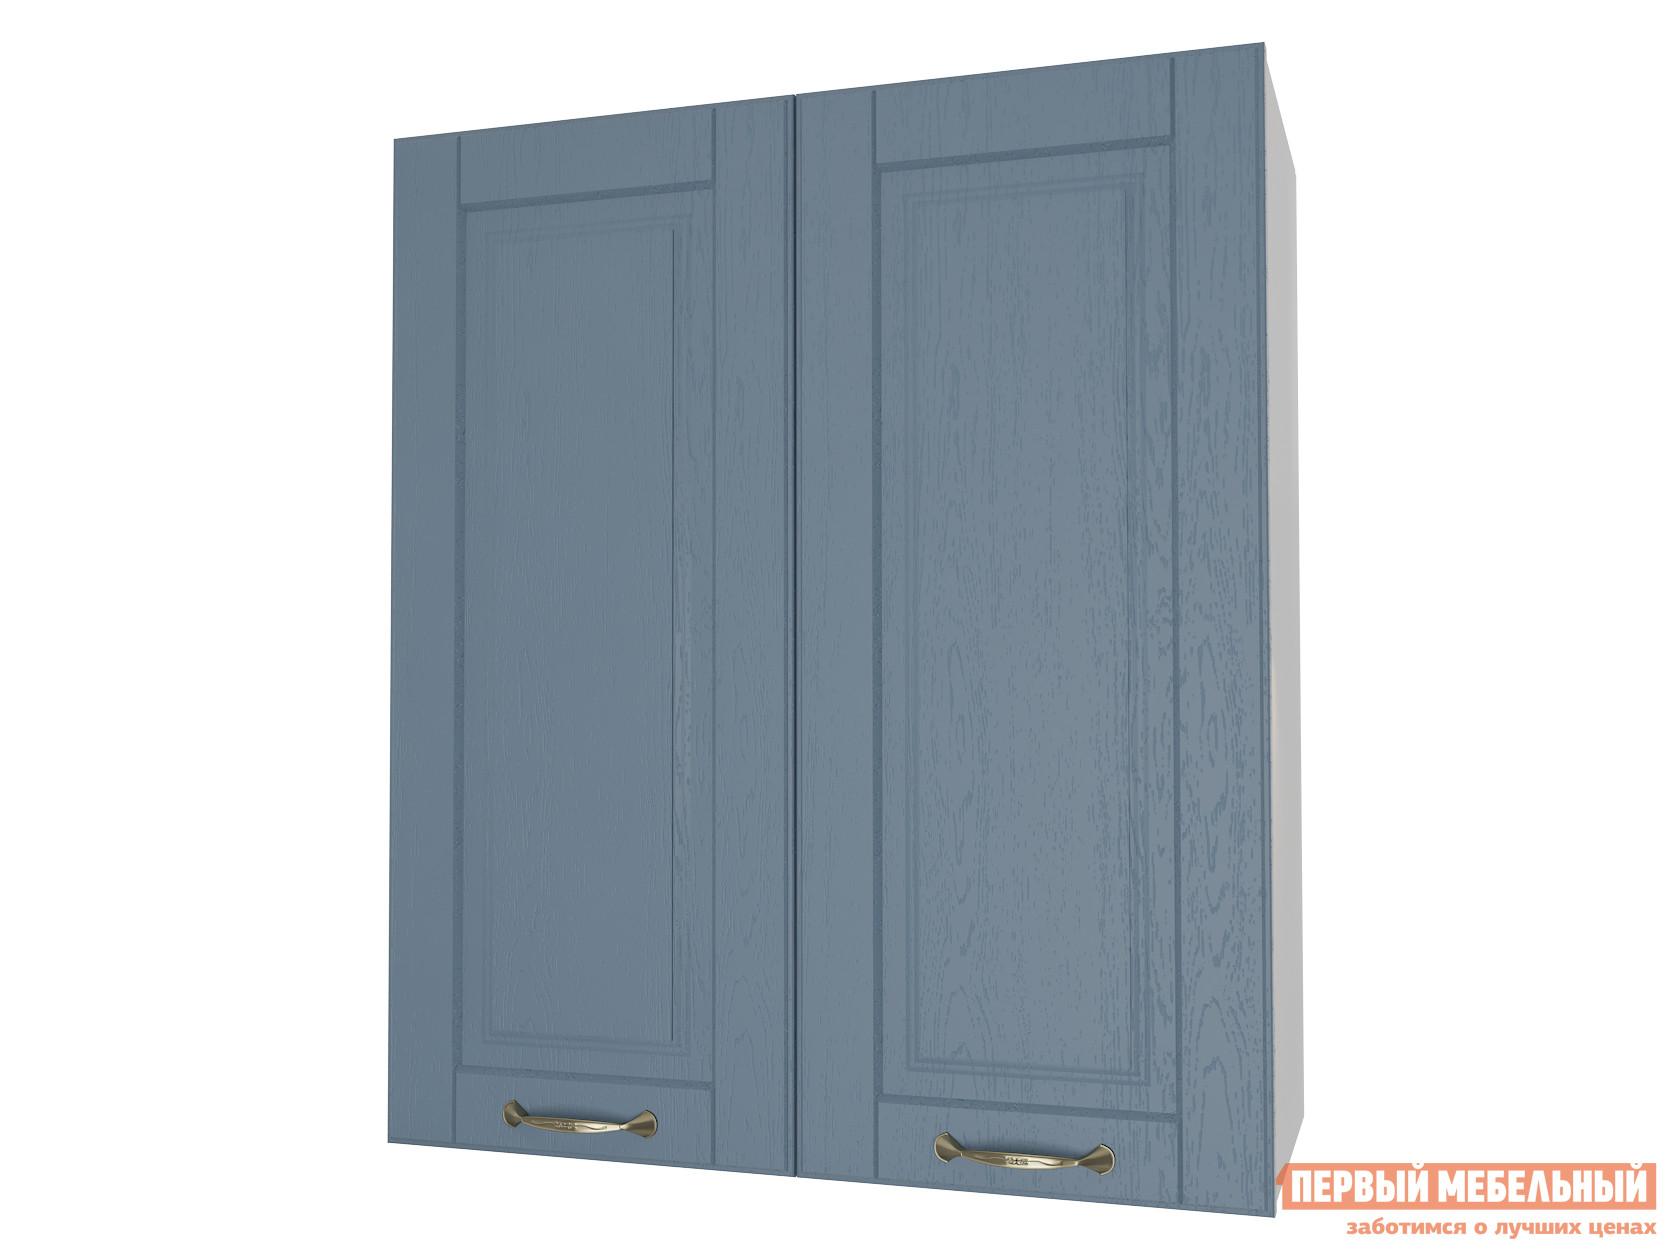 Кухонный модуль Первый Мебельный Шкаф 2 двери 60 см Палермо